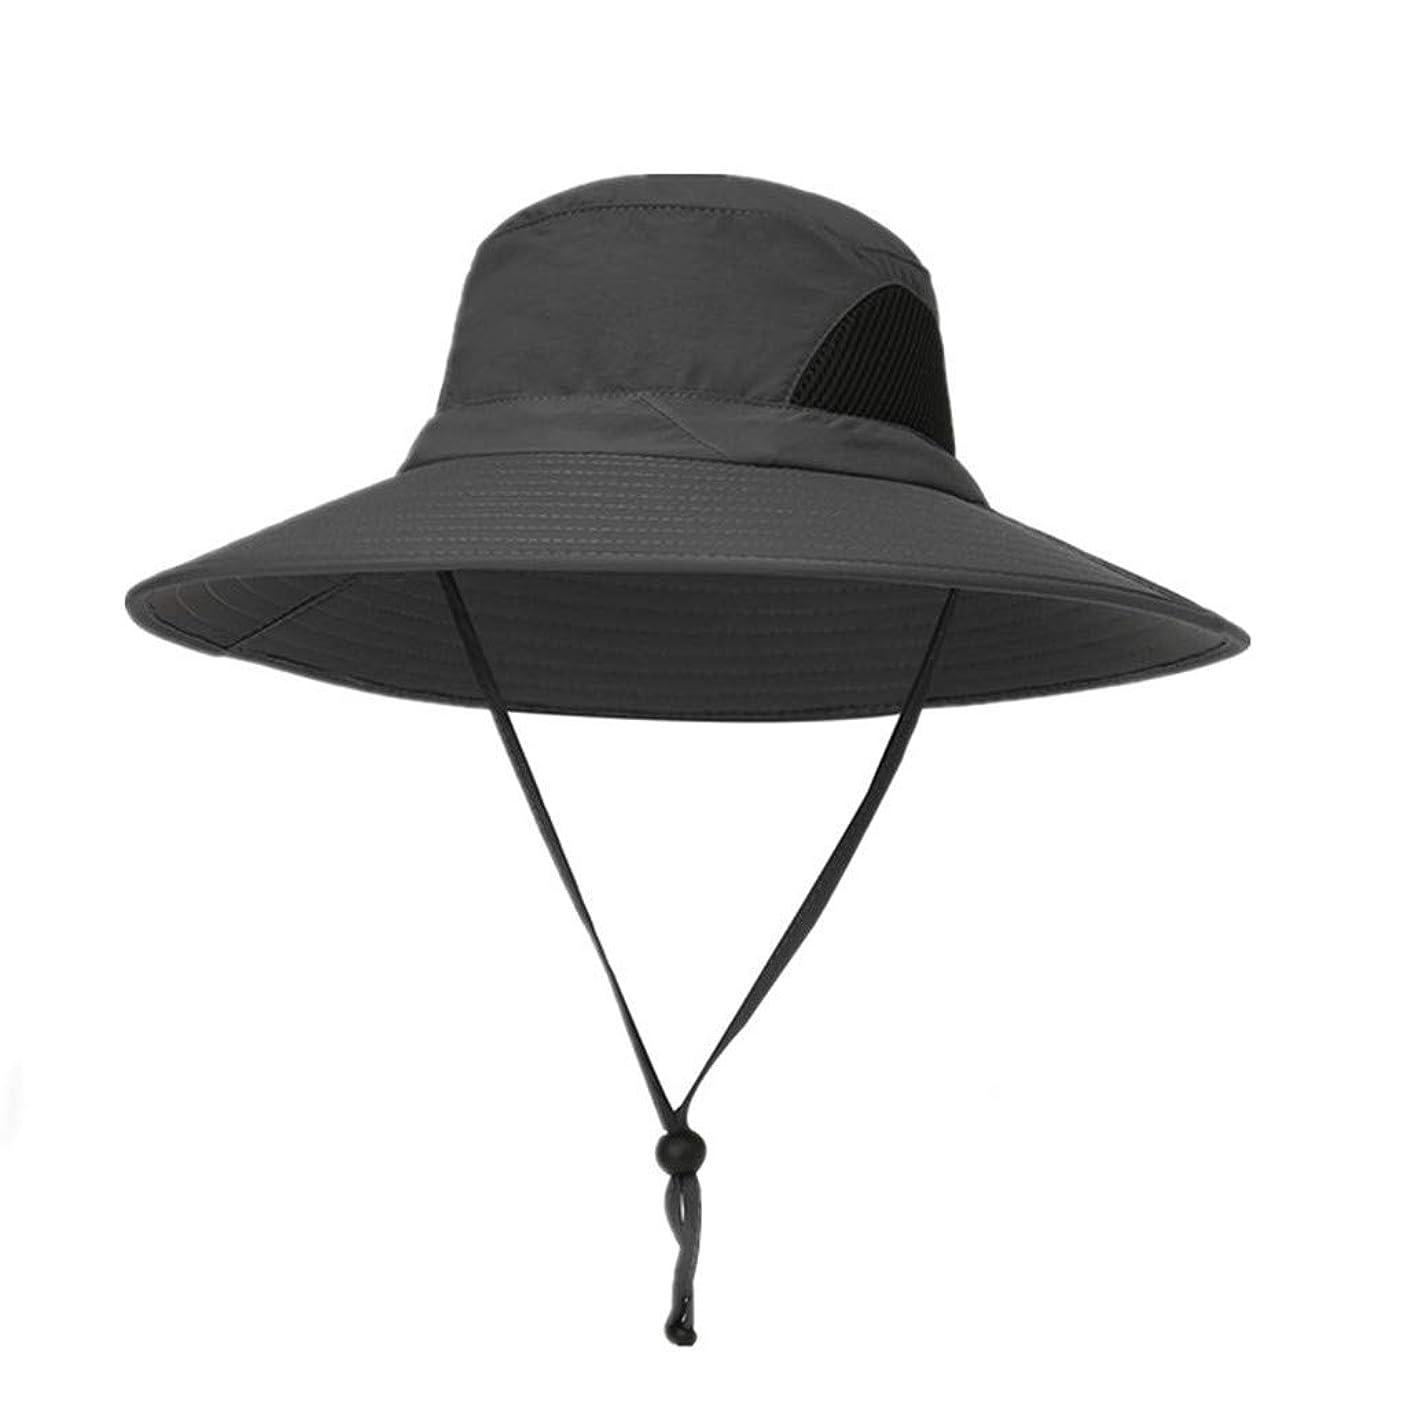 マルコポーロ交渉する慣らすROSE ROMAN - 日よけ帽子 uvカット ビッグバイザー 紫外線防止 あごひも付き 強風でも安心 折りたたみ 軽量 持ち運びに便利 取り外すあご紐 つば広 りたたみ サイズ調節可 旅行 自転車 アウトドア 男女兼用